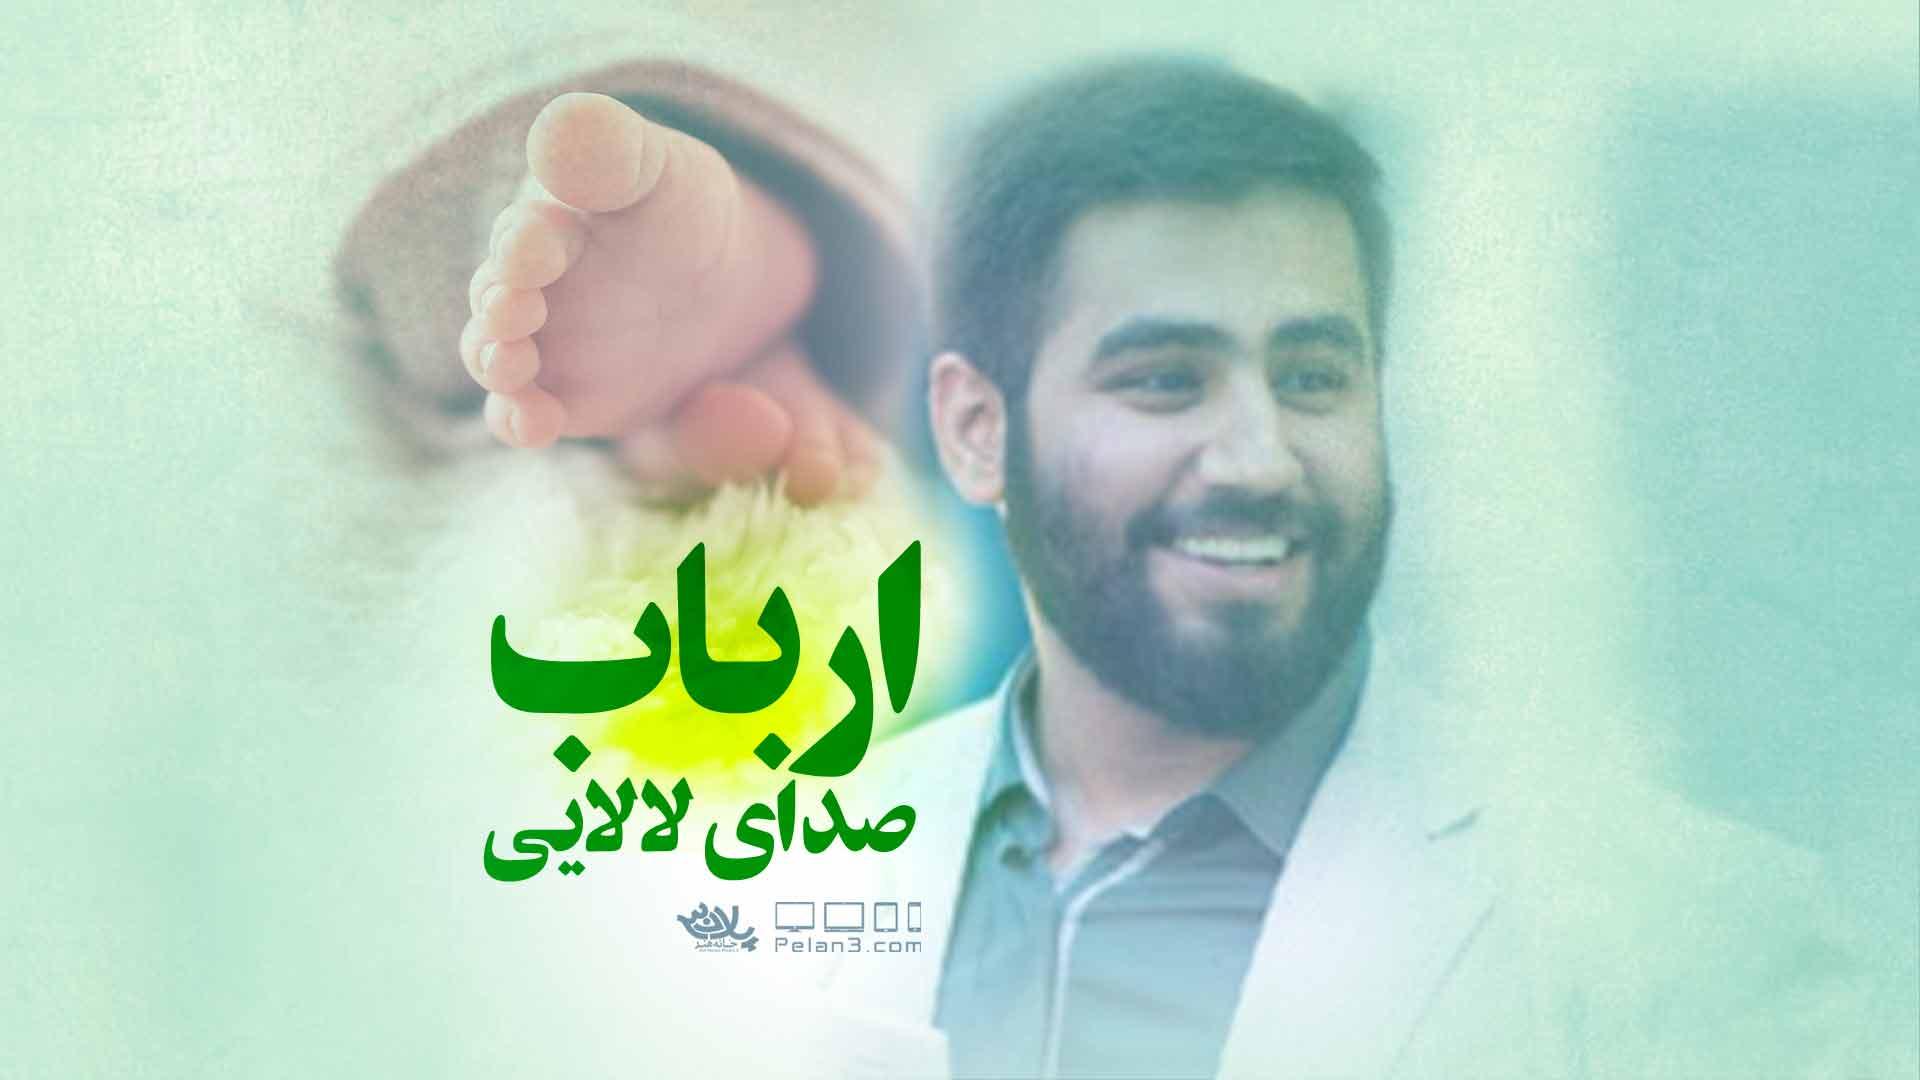 صدای لالایی ارباب حسین طاهری